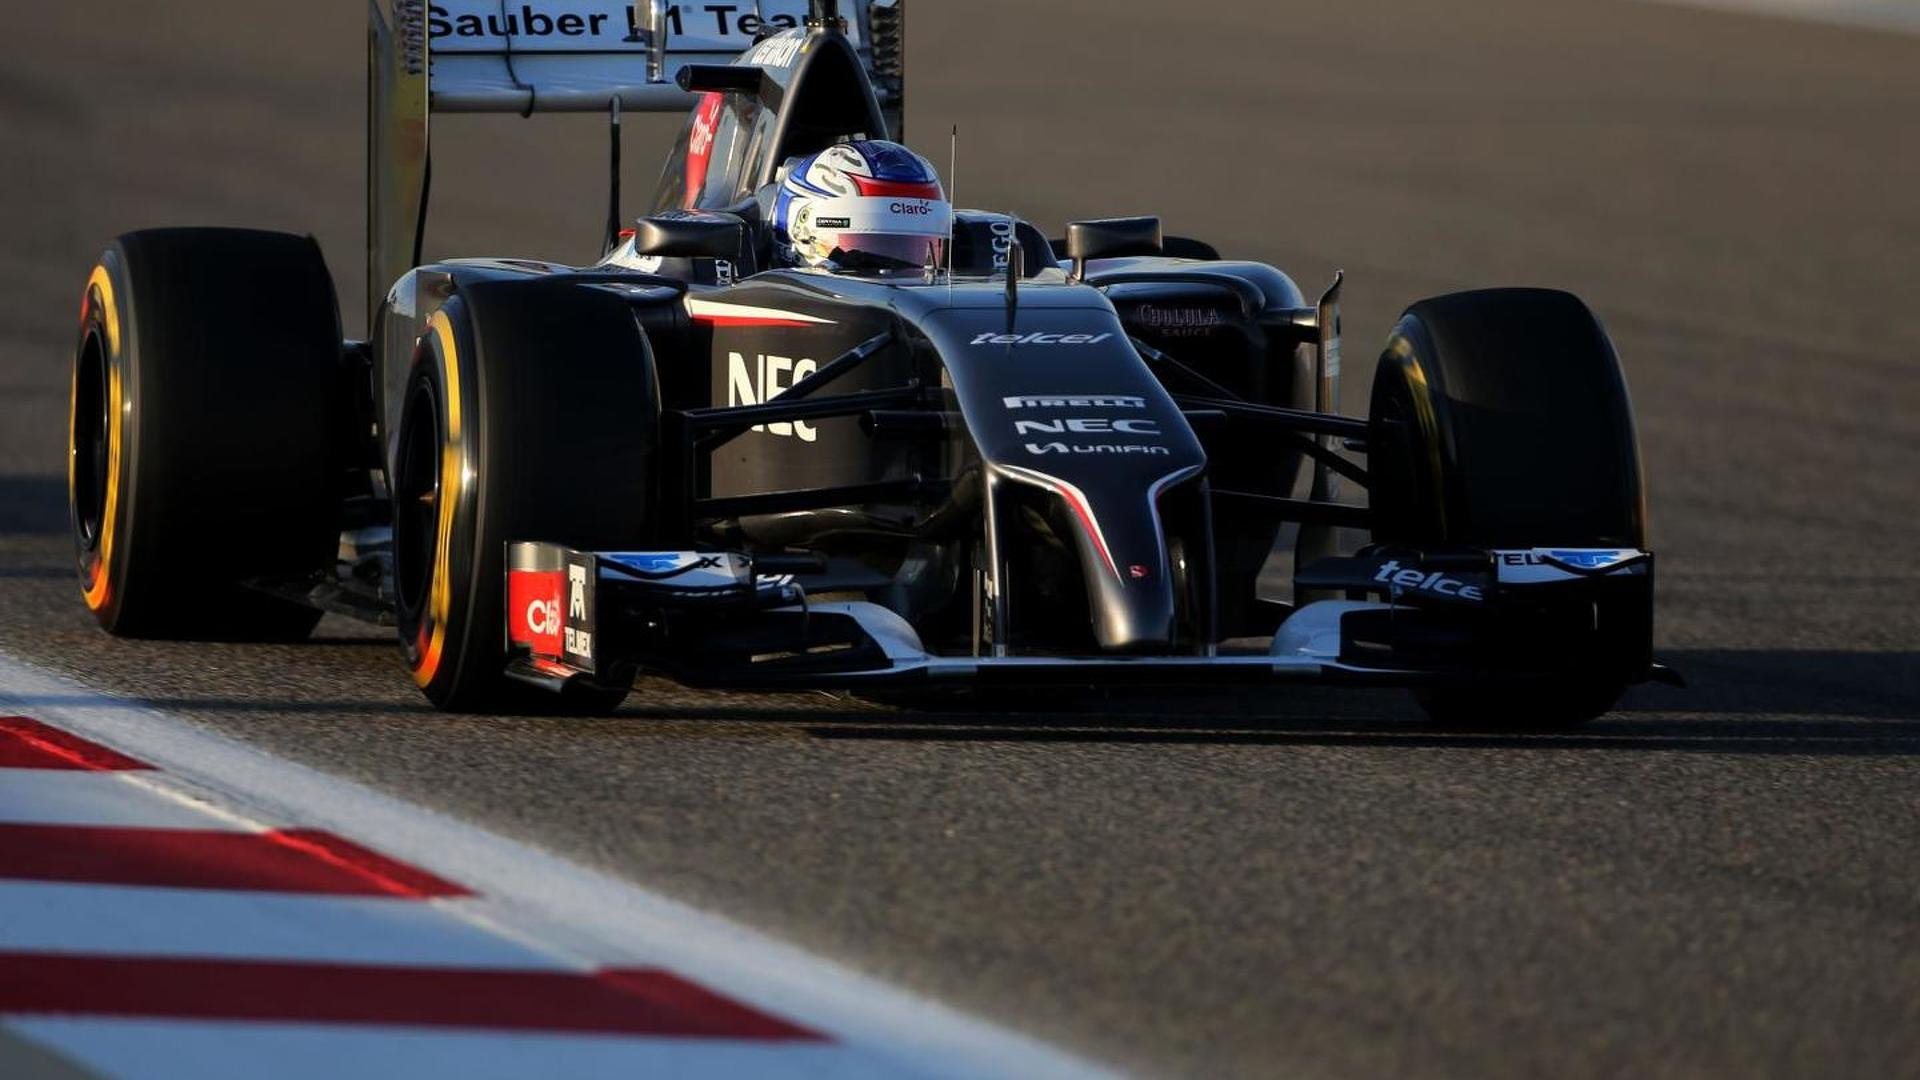 F1 Fridays looming for Sirotkin, Verstappen